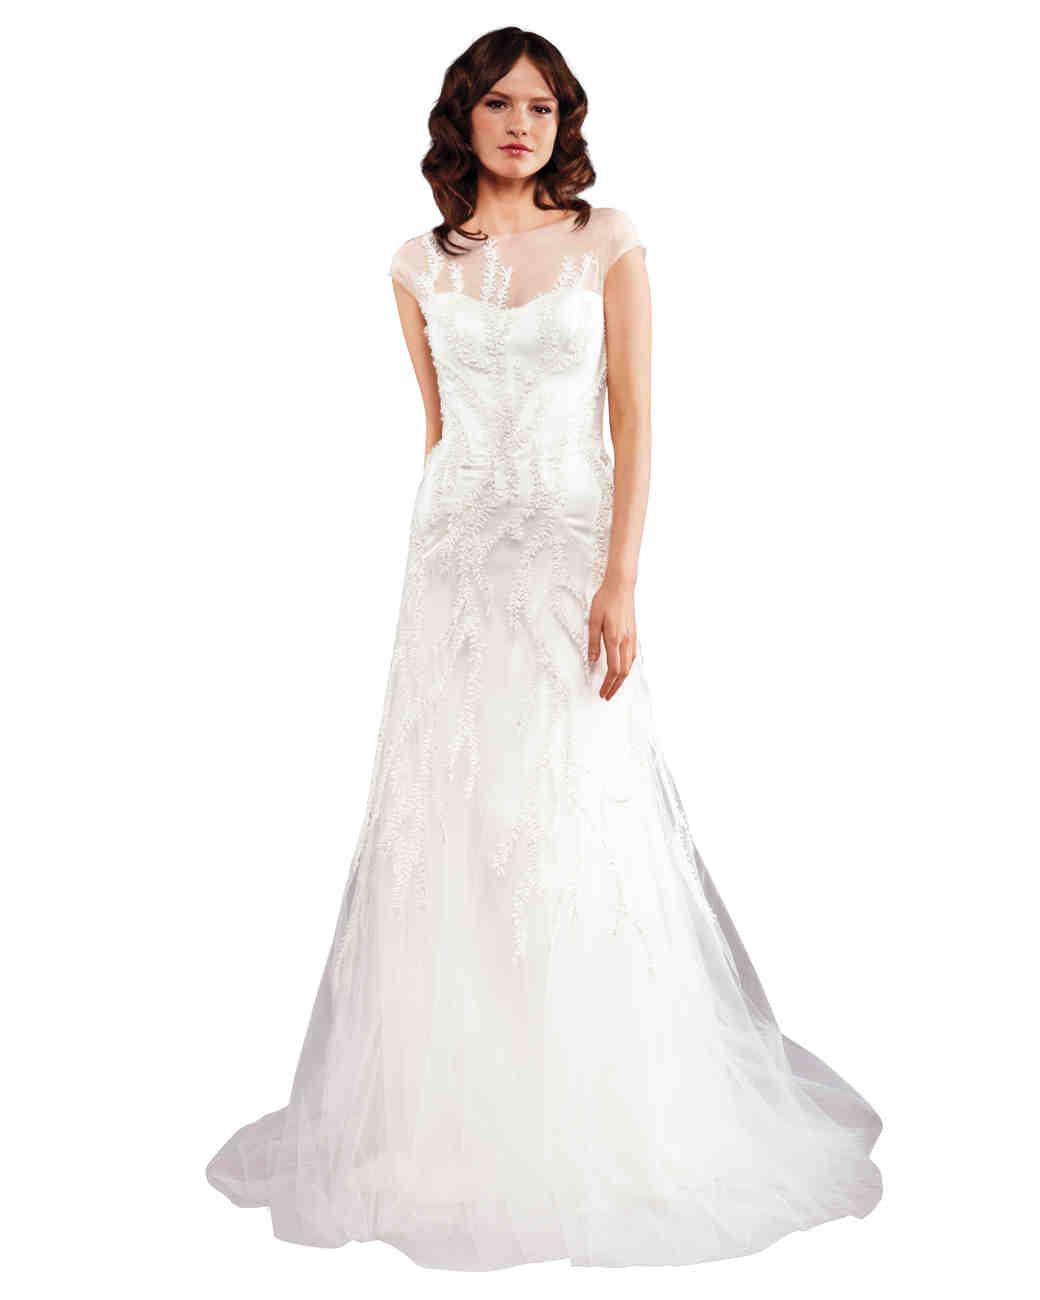 7aad5e53a0c Lauren Conrad s Favorite Wedding Dresses